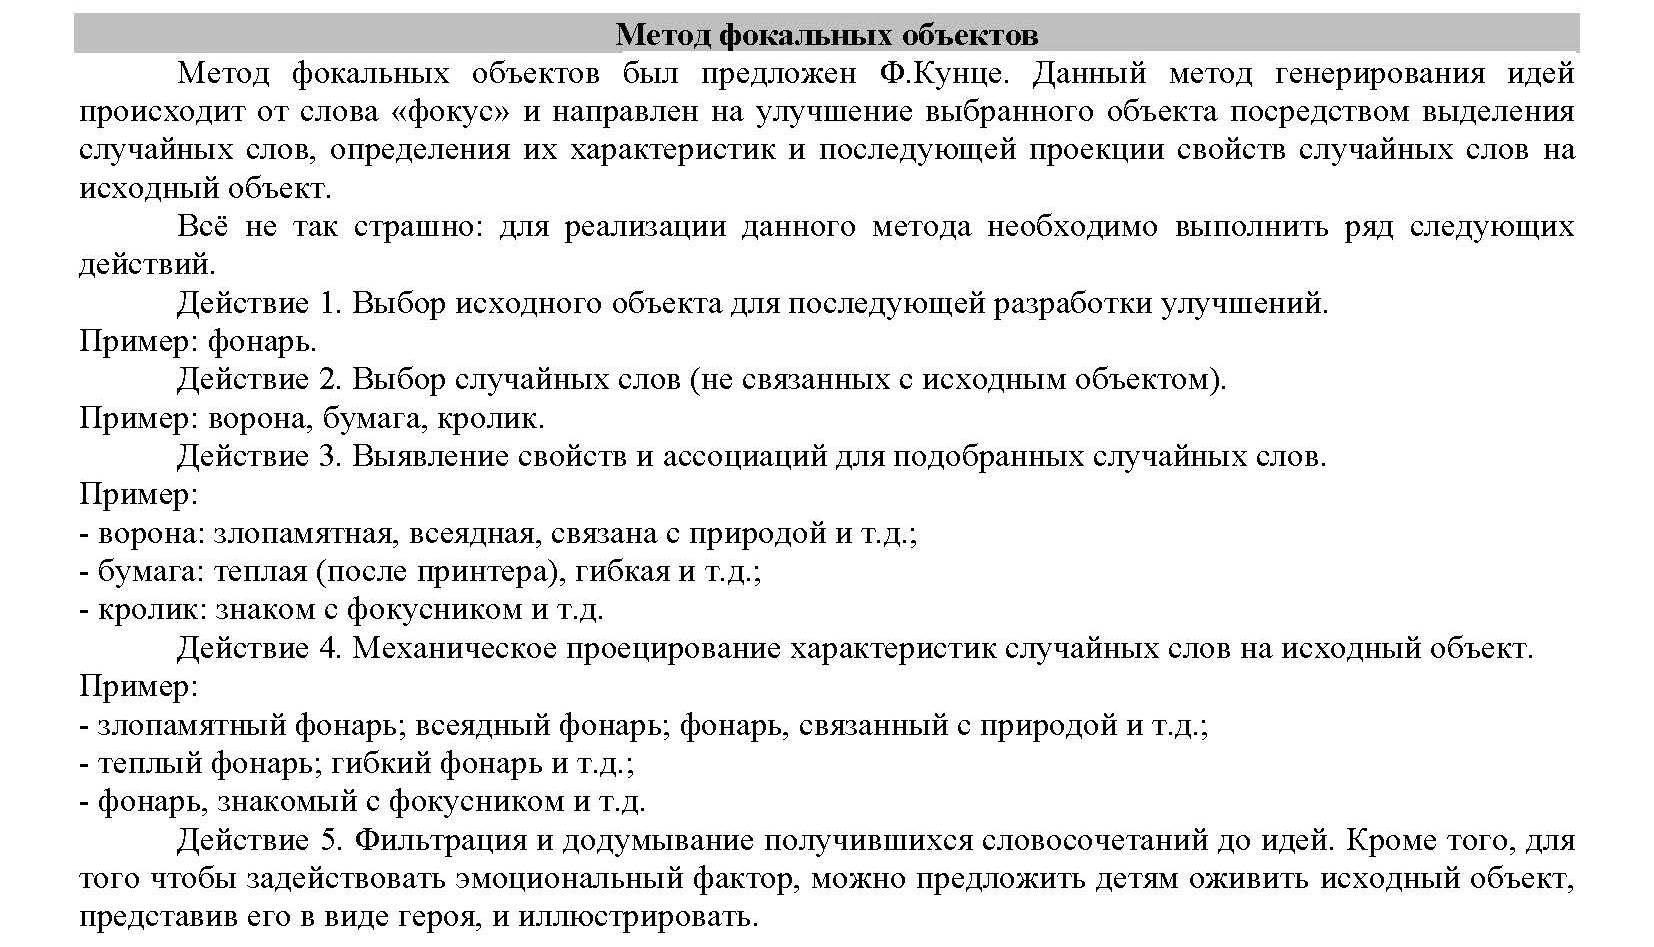 МФО и др._Страница_01